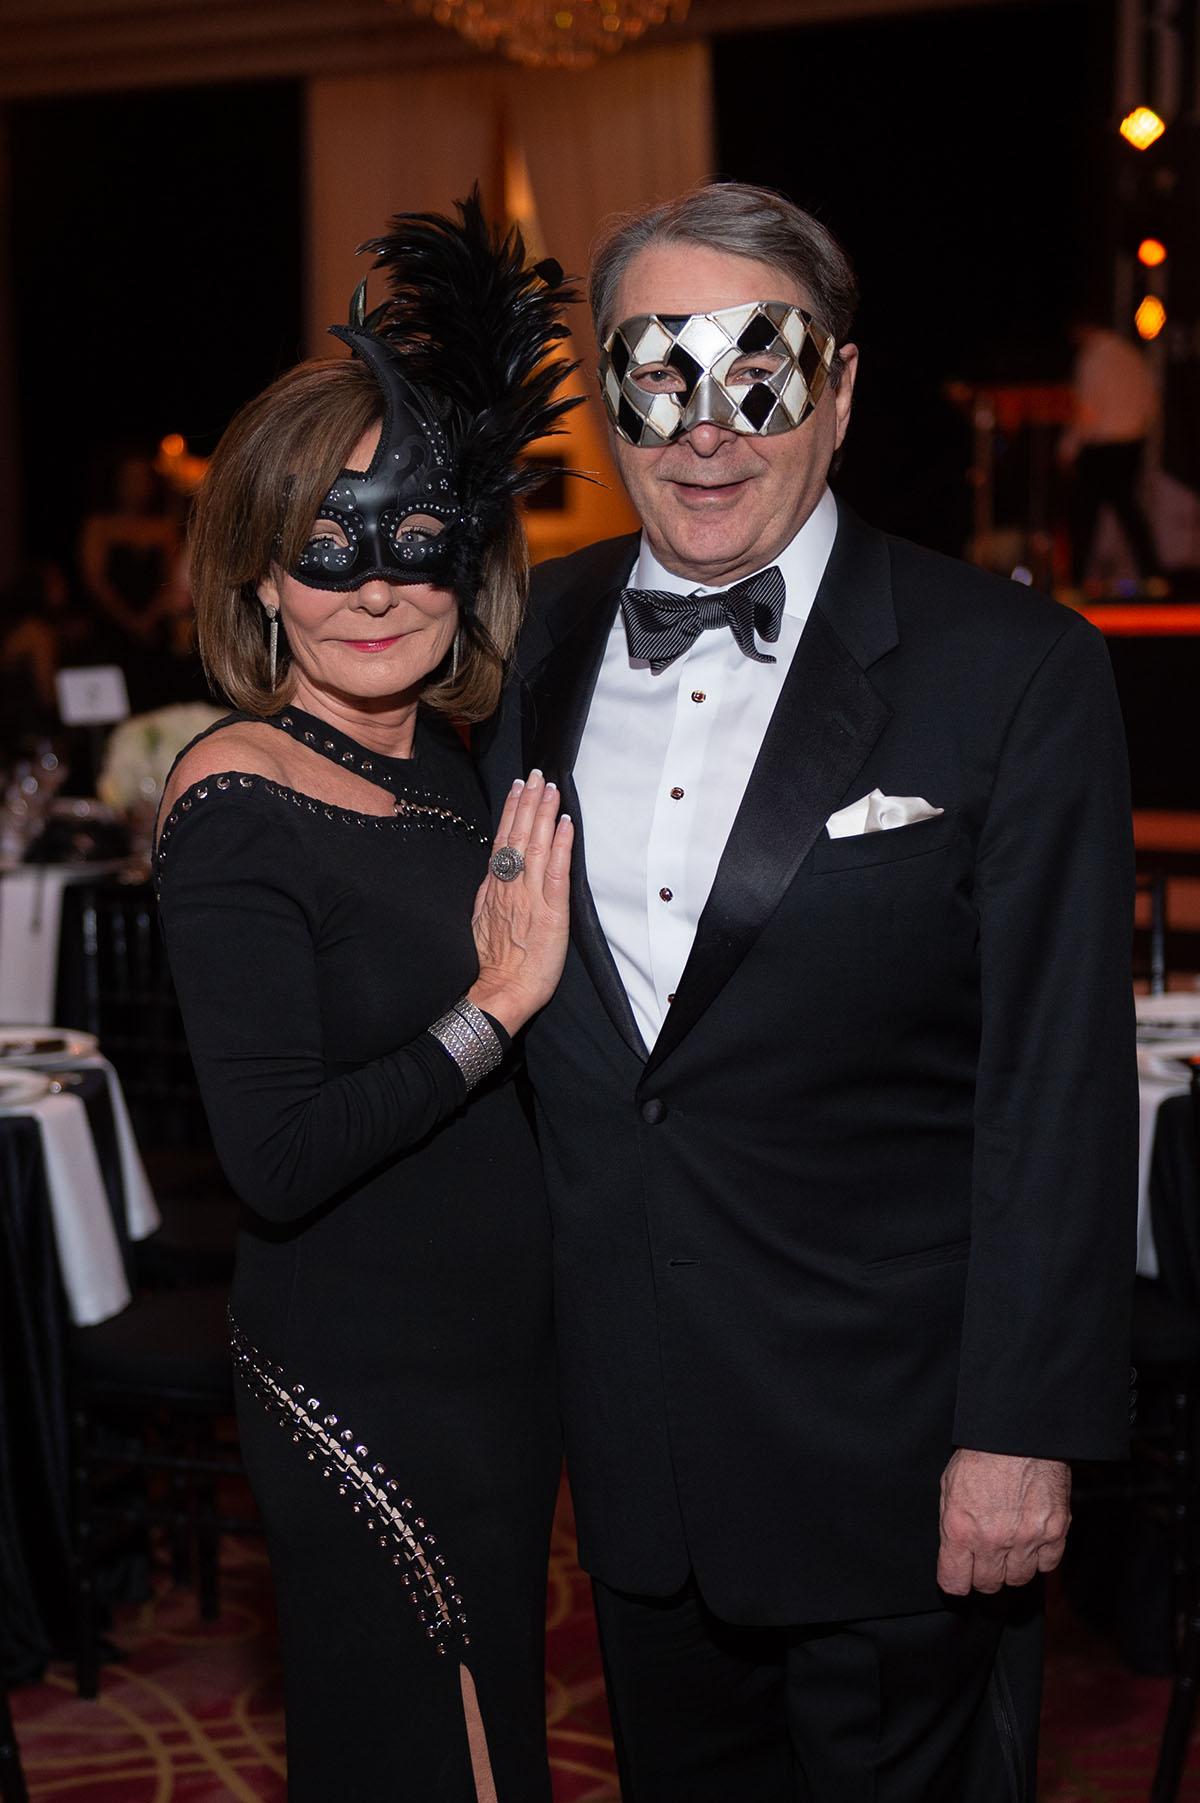 Melanie Gray and Mark Wawro